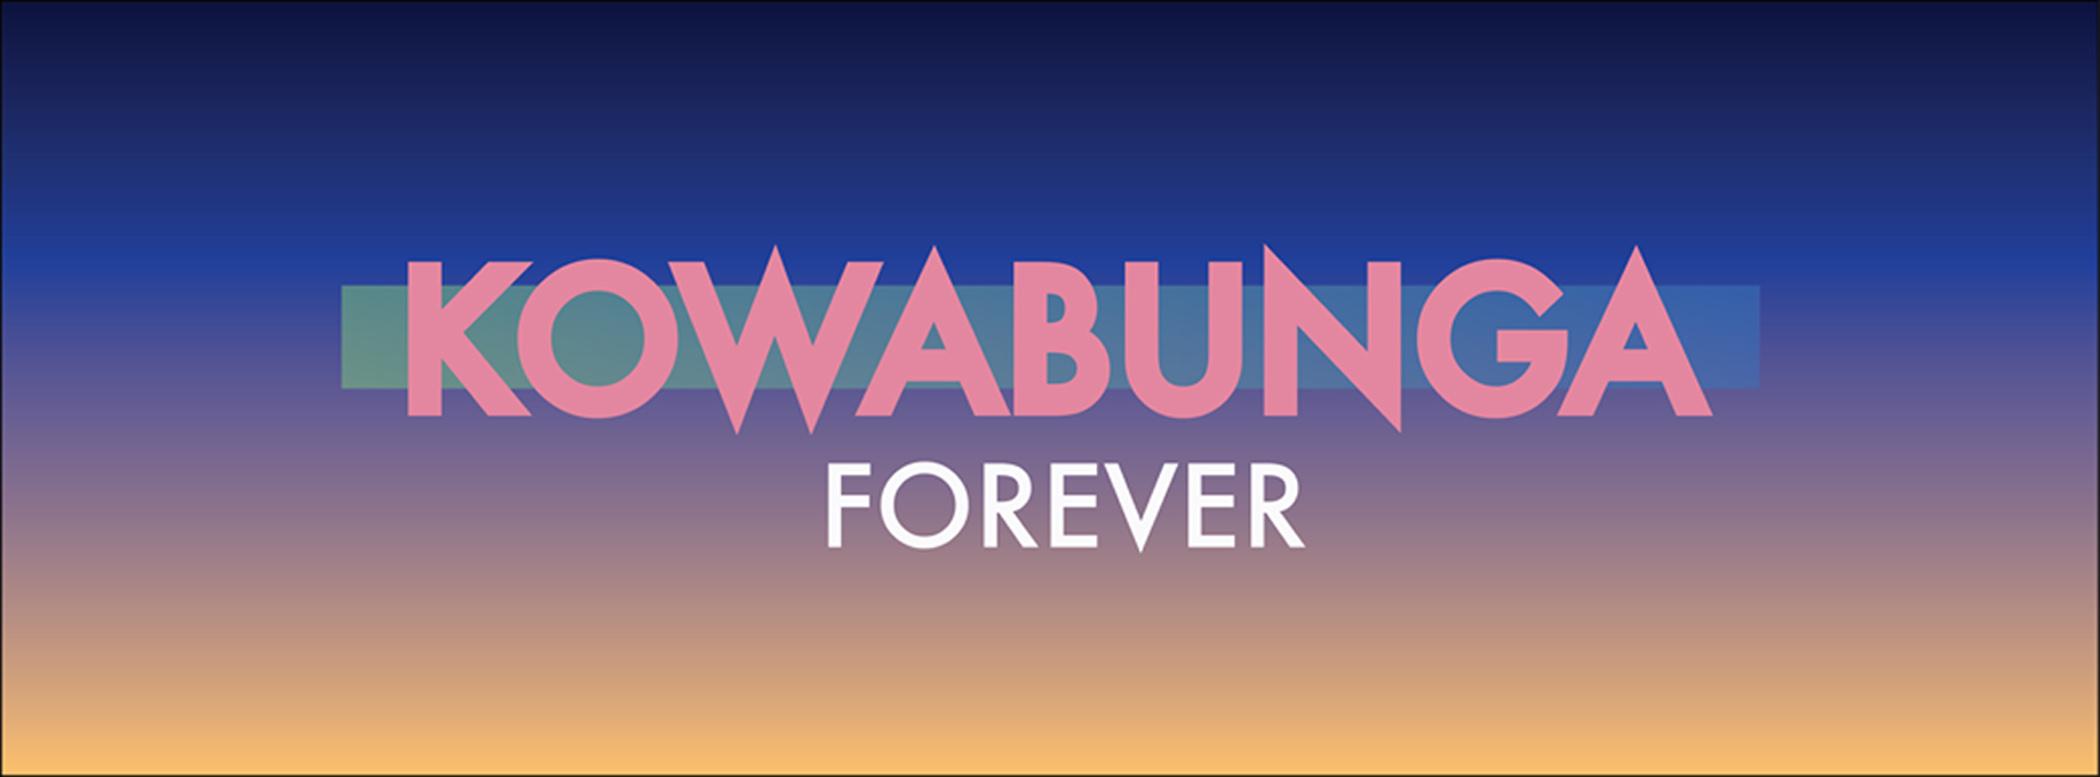 Kowabunga Forever